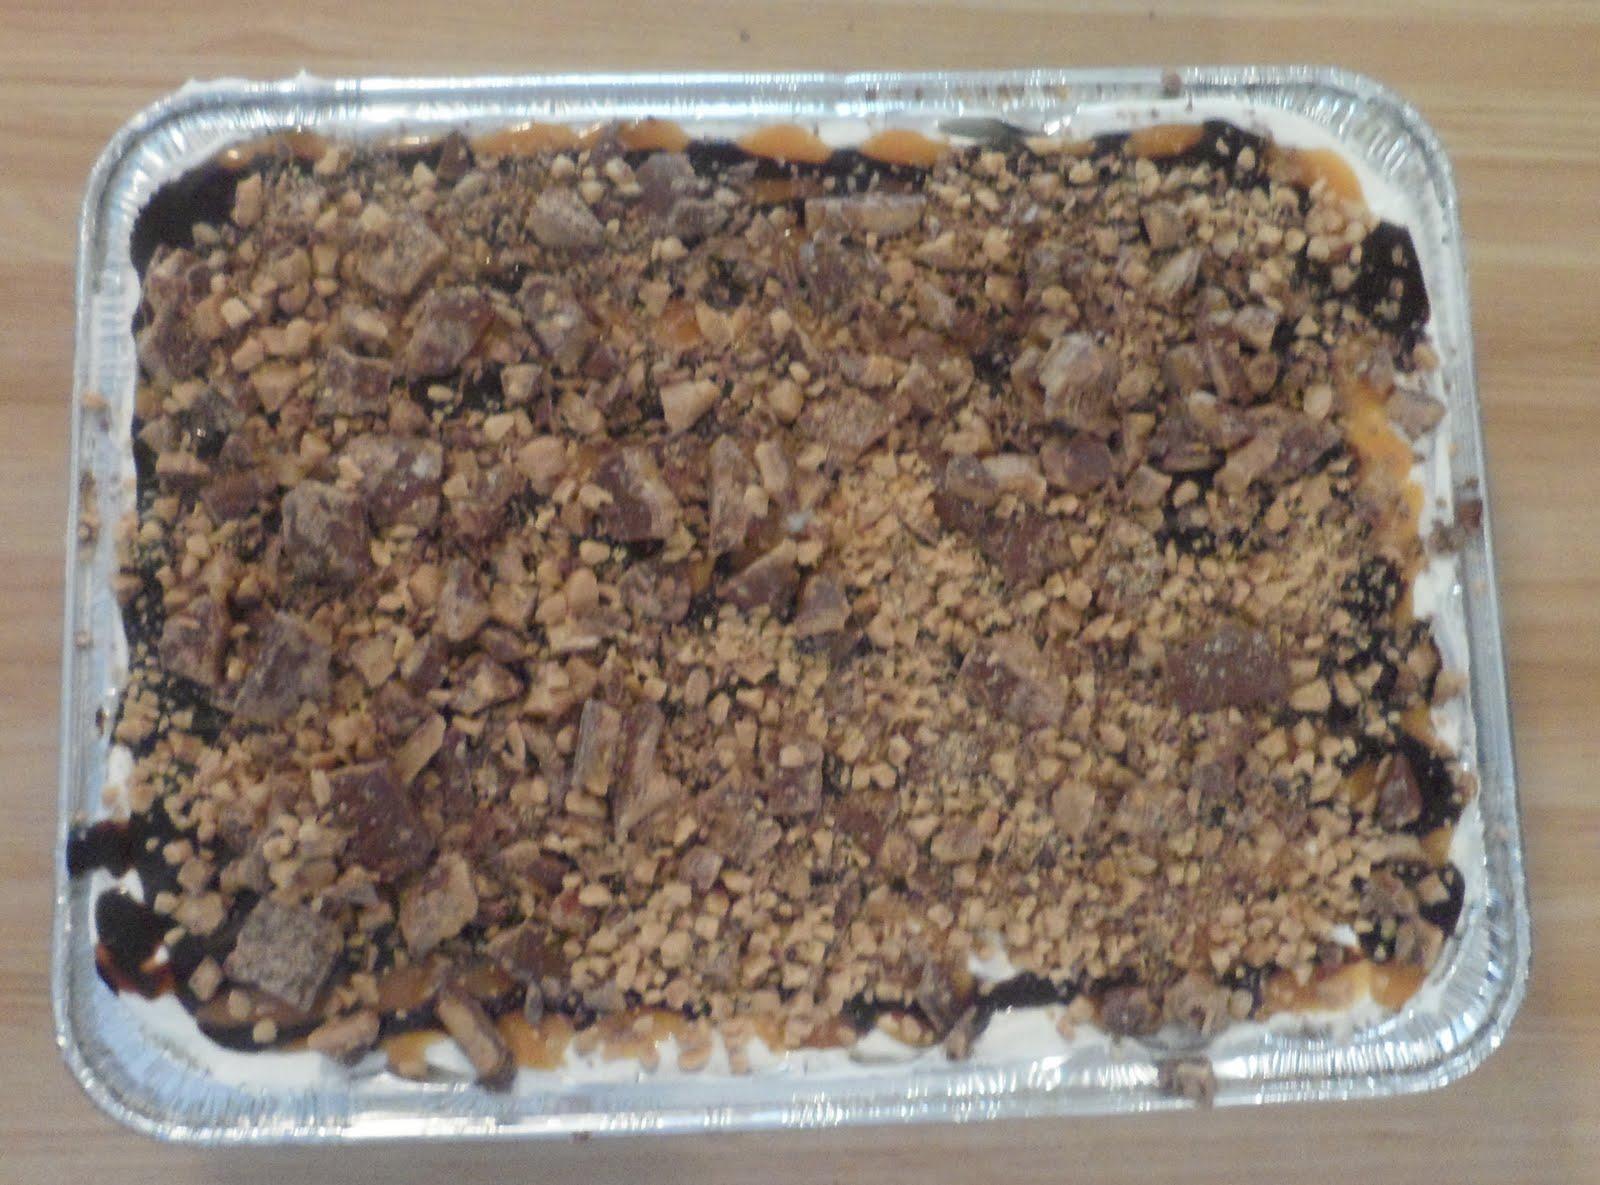 Smithalicious: Frozen Caramel-Toffee Ice Cream Sandwich Dessert